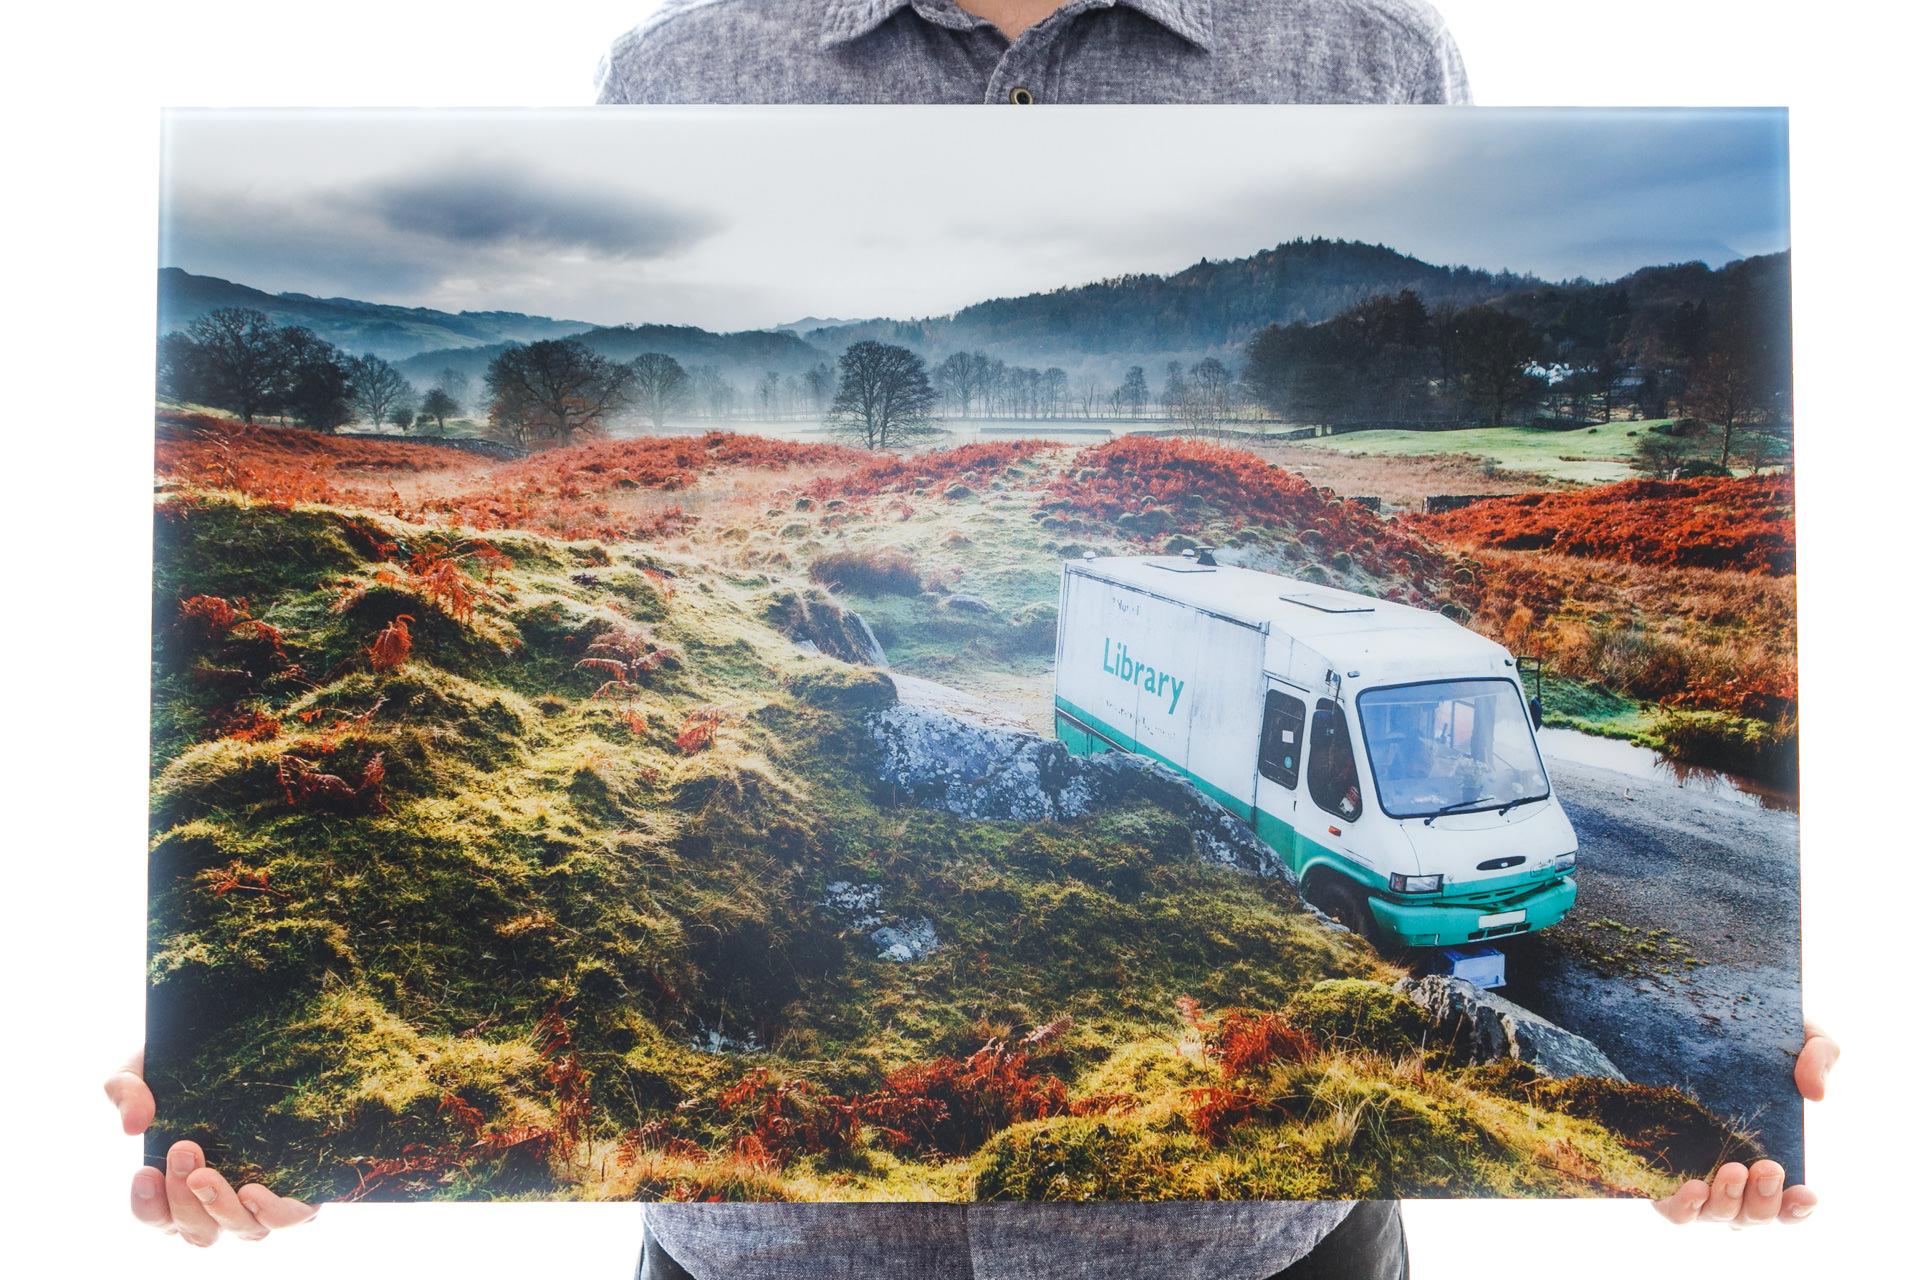 'The Library Van' (75x50cm - £265)